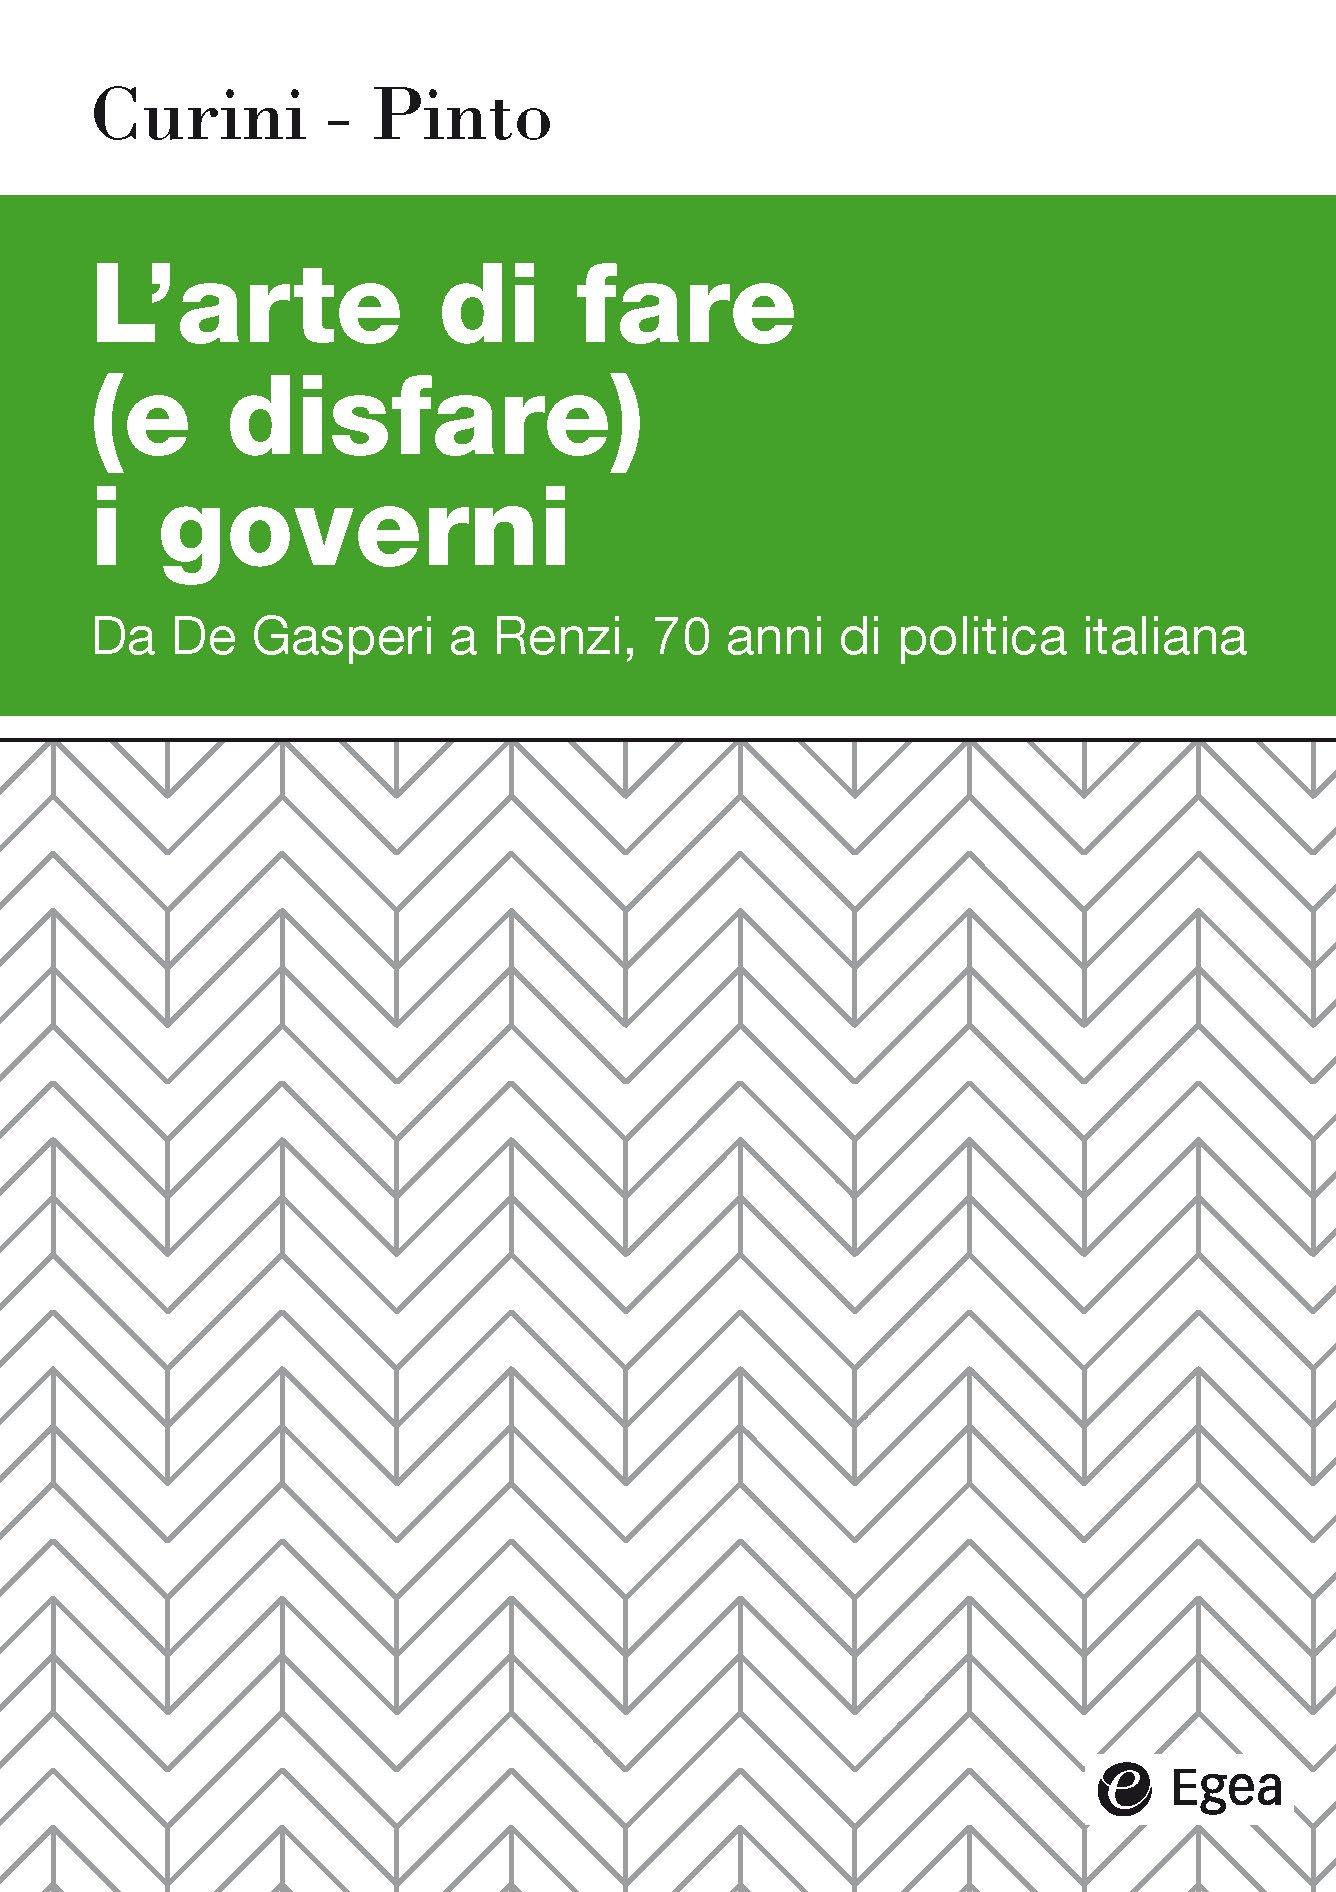 L'arte di fare (e disfare) i governi. Da De Gasperi a Renzi, 70 anni di politica italiana Copertina flessibile – 6 apr 2017 Luigi Curini Luca Pinto EGEA 882384505X